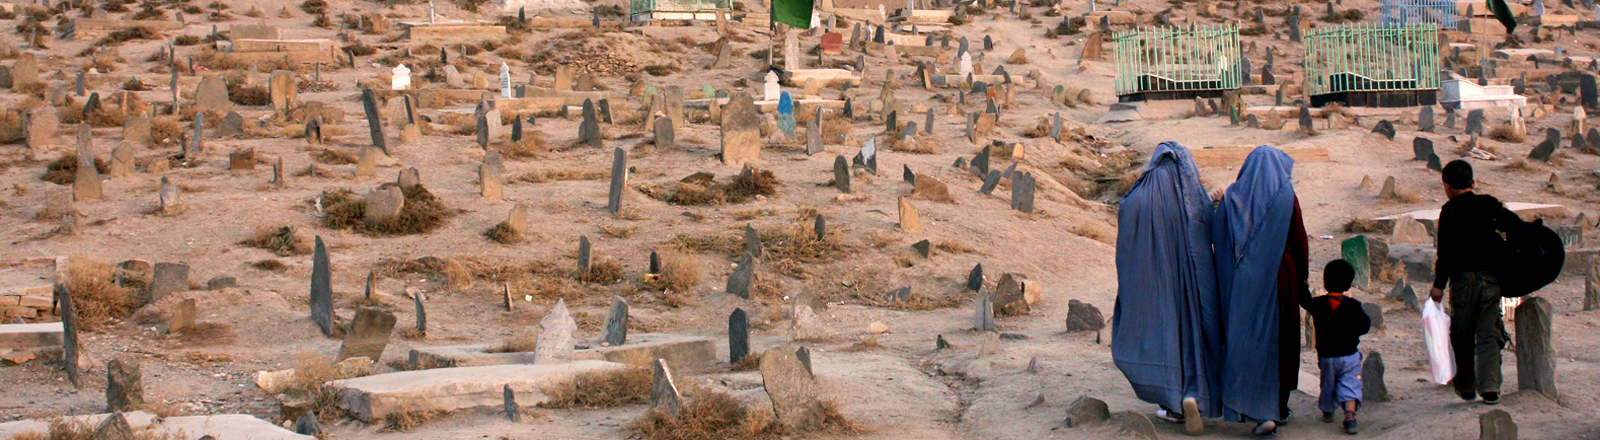 Ein Friedhof in der Nähe von Kabul. Frauen und Kinder gehen den Friedhof entlang 2010.